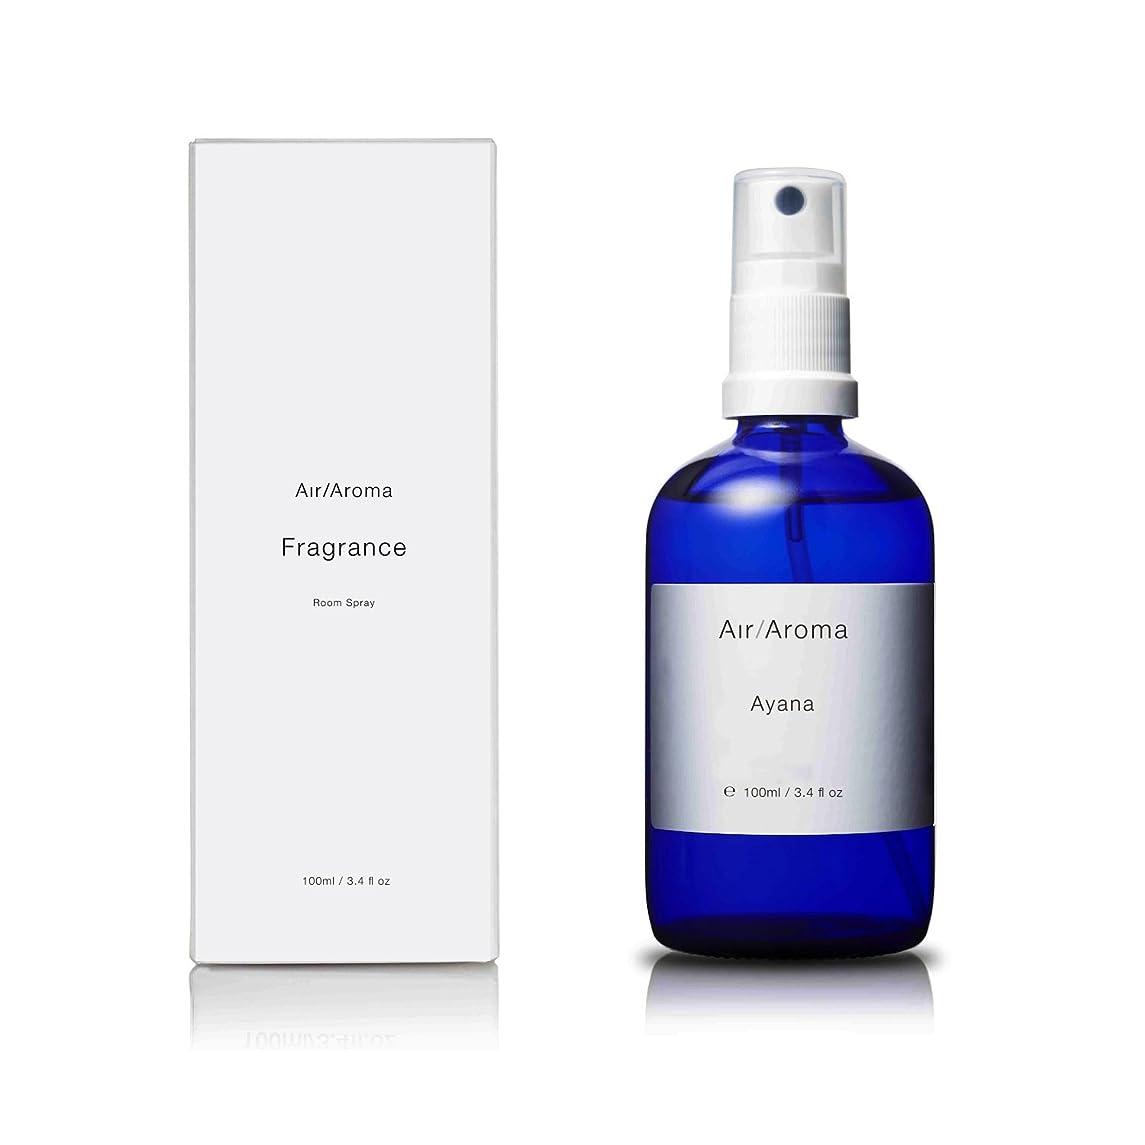 減る勤勉な踏み台エアアロマ ayana room fragrance (アヤナ ルームフレグランス) 100ml